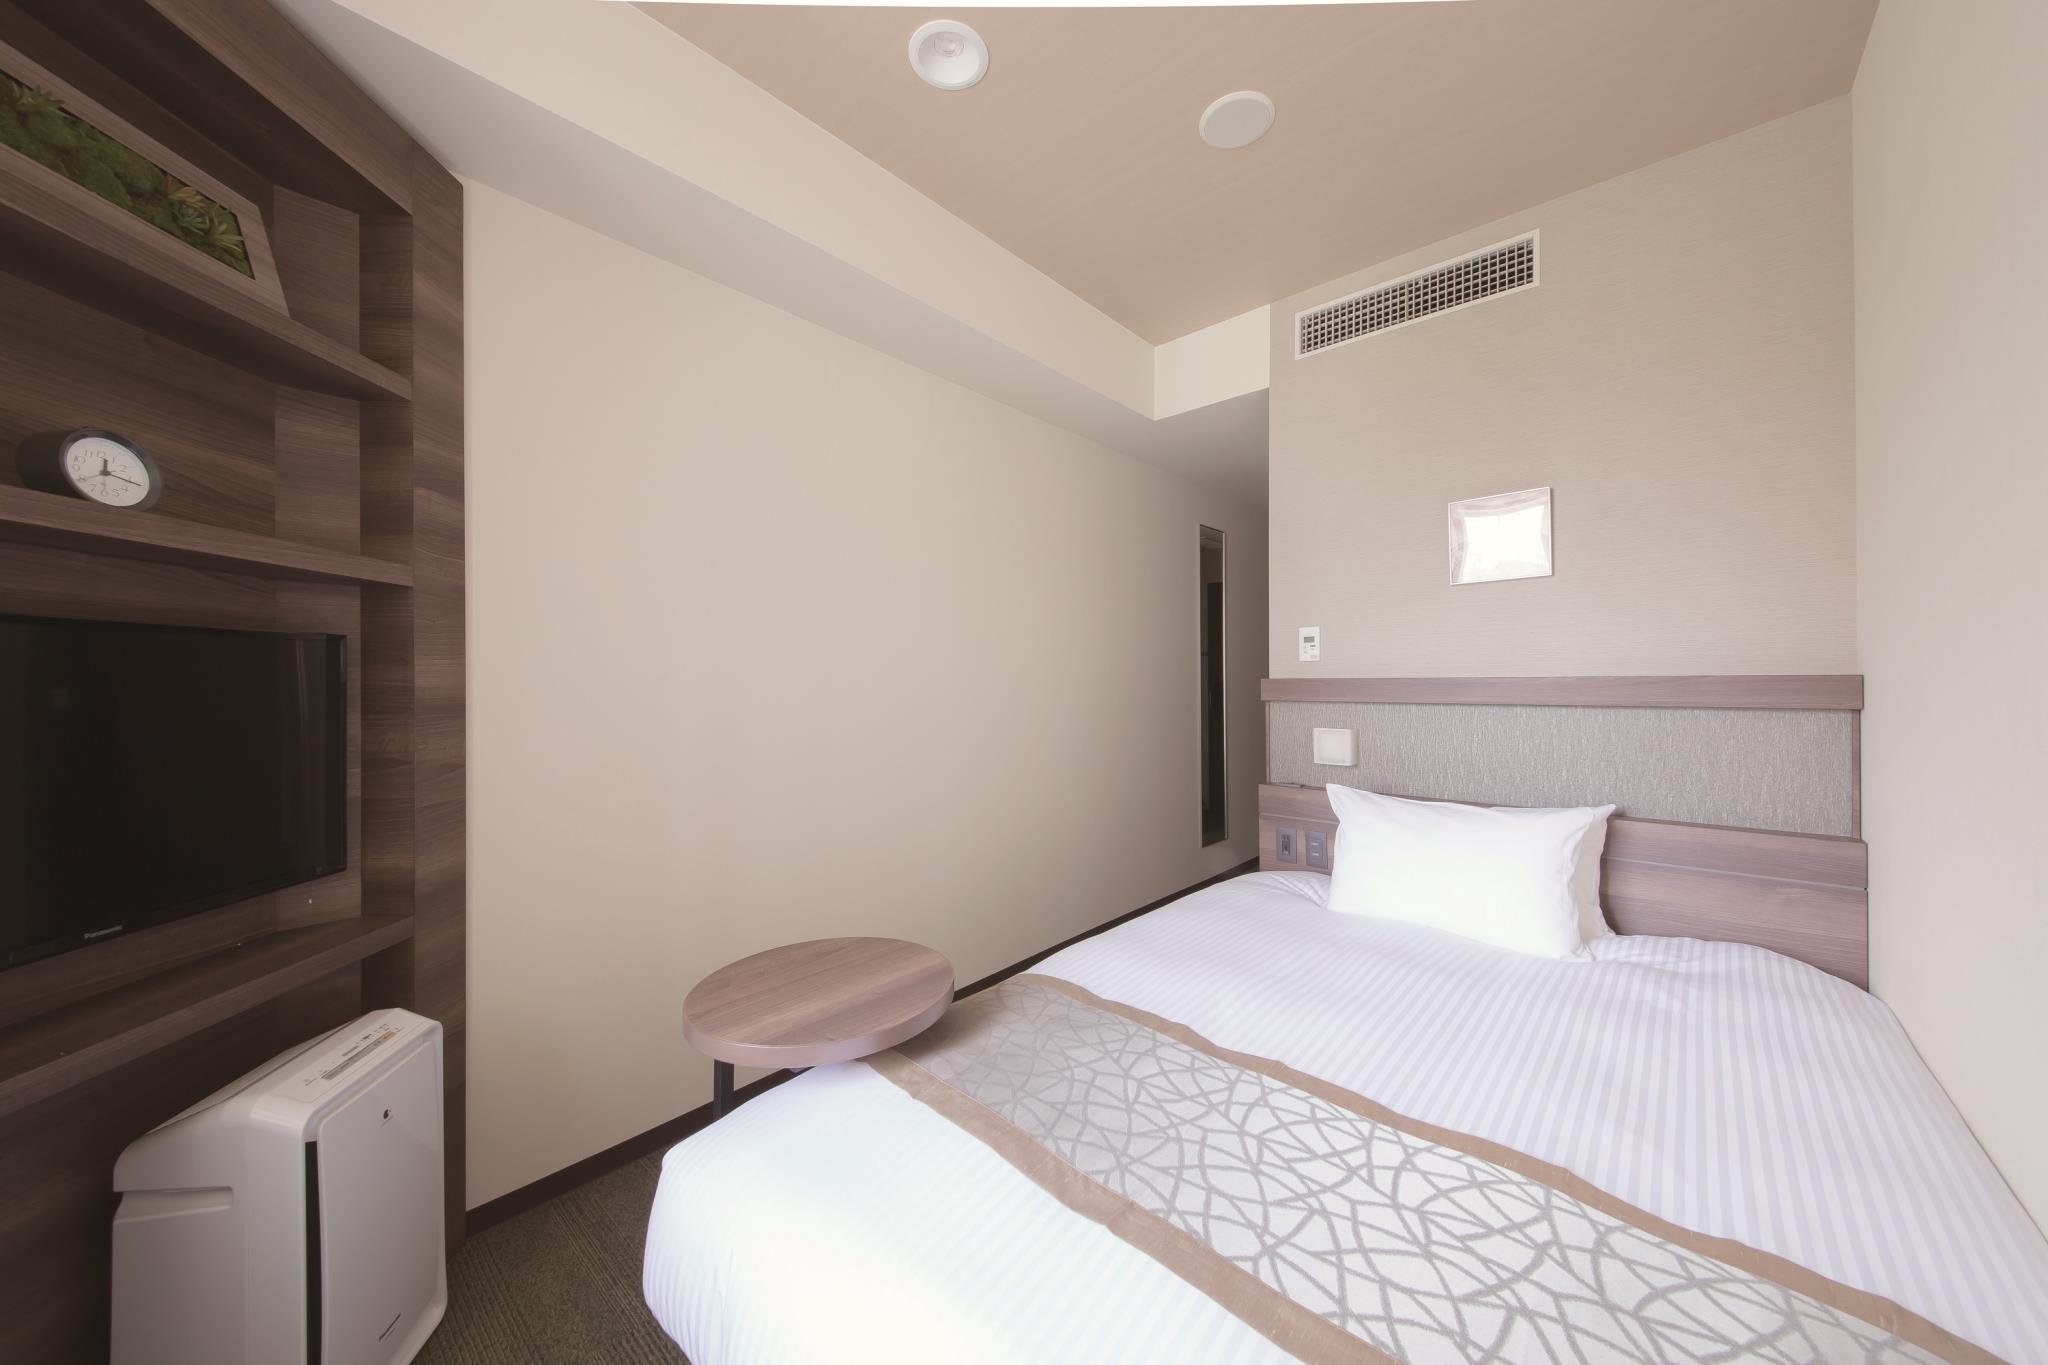 Hotel Keihan Yodoyabashi, Osaka